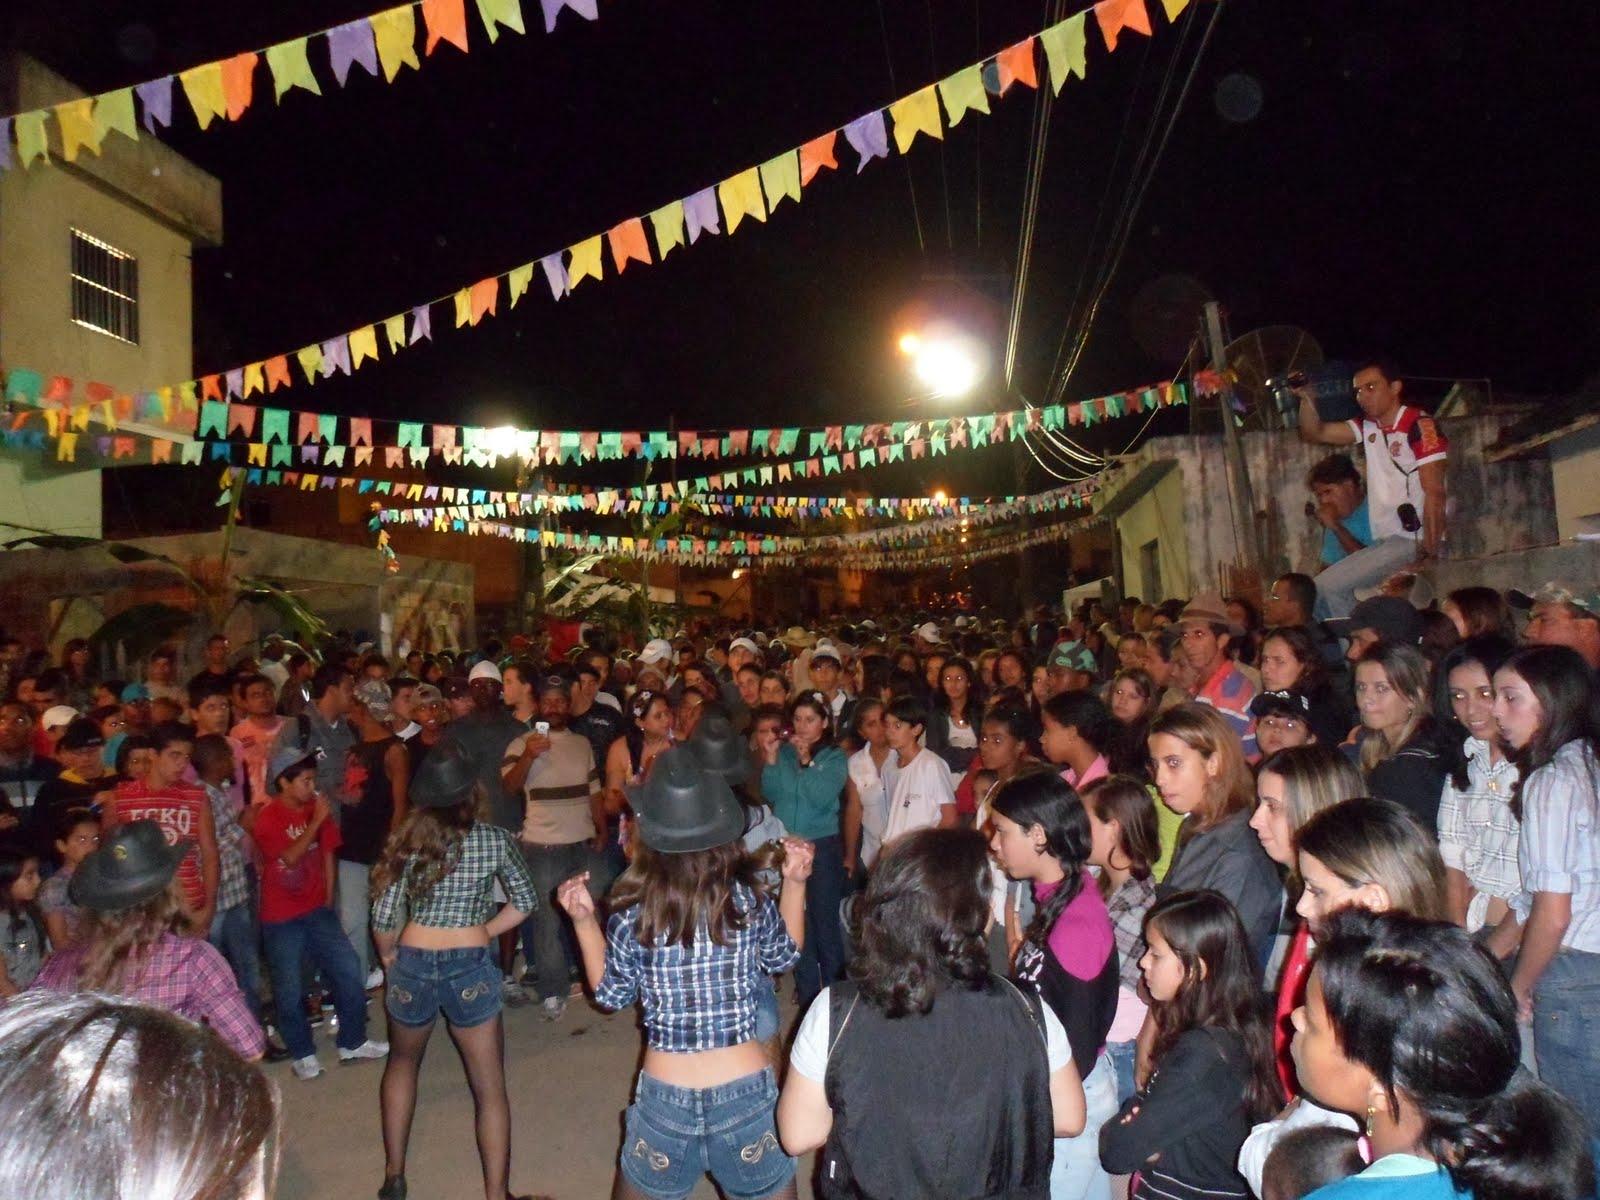 festa jardim do morro : festa jardim do morro:Blog do Vereador Papinha: FESTA EM MORRO DO COCO